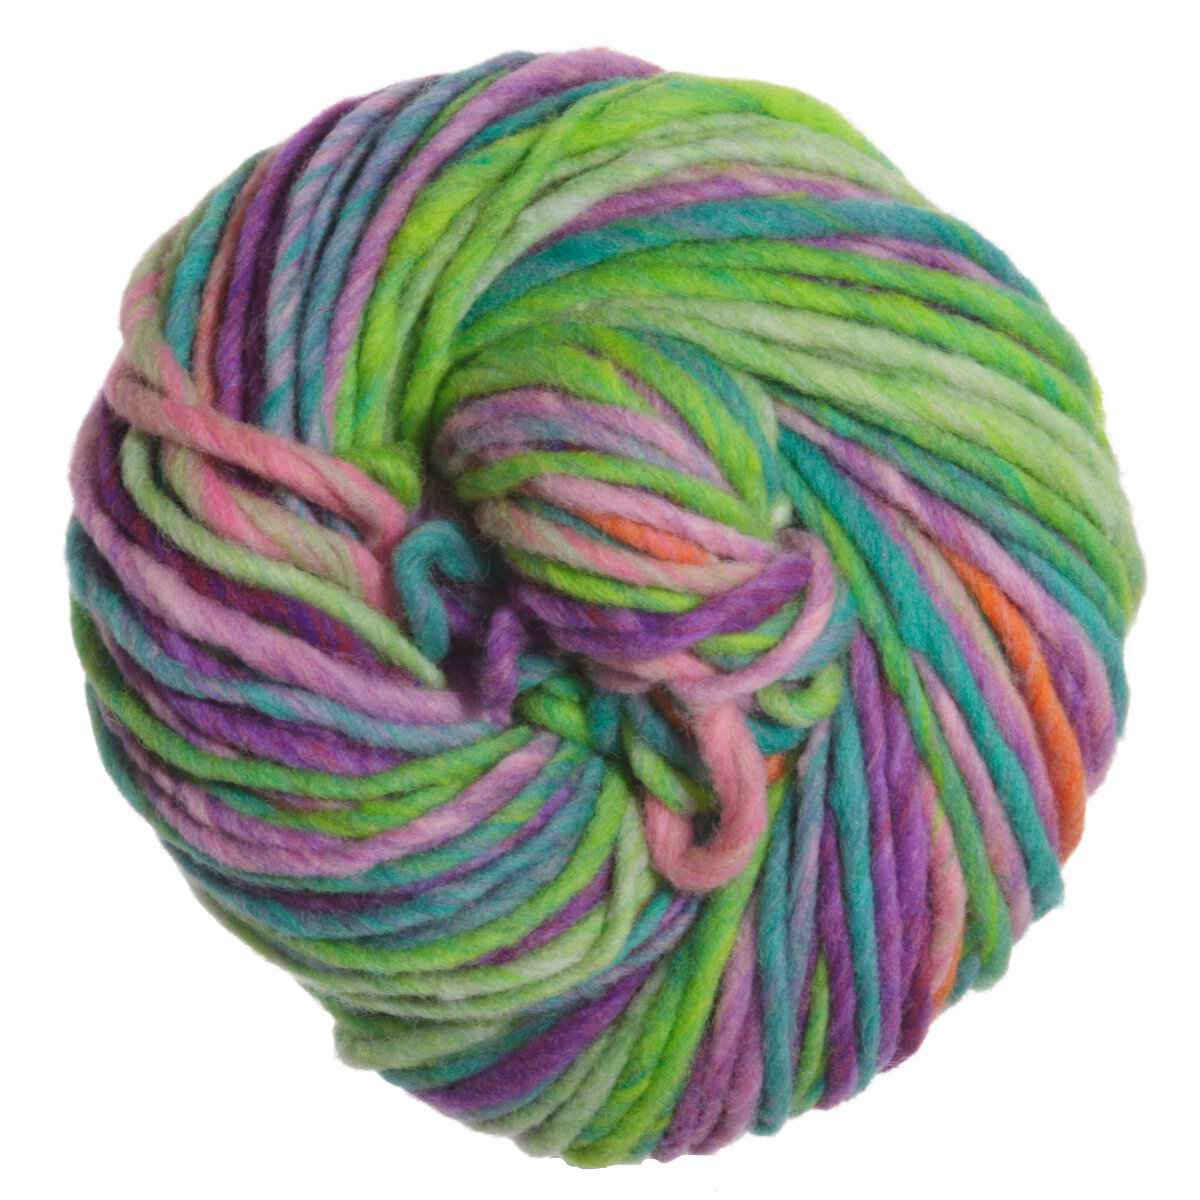 Noro Kureyon Air Yarn at Jimmy Beans Wool